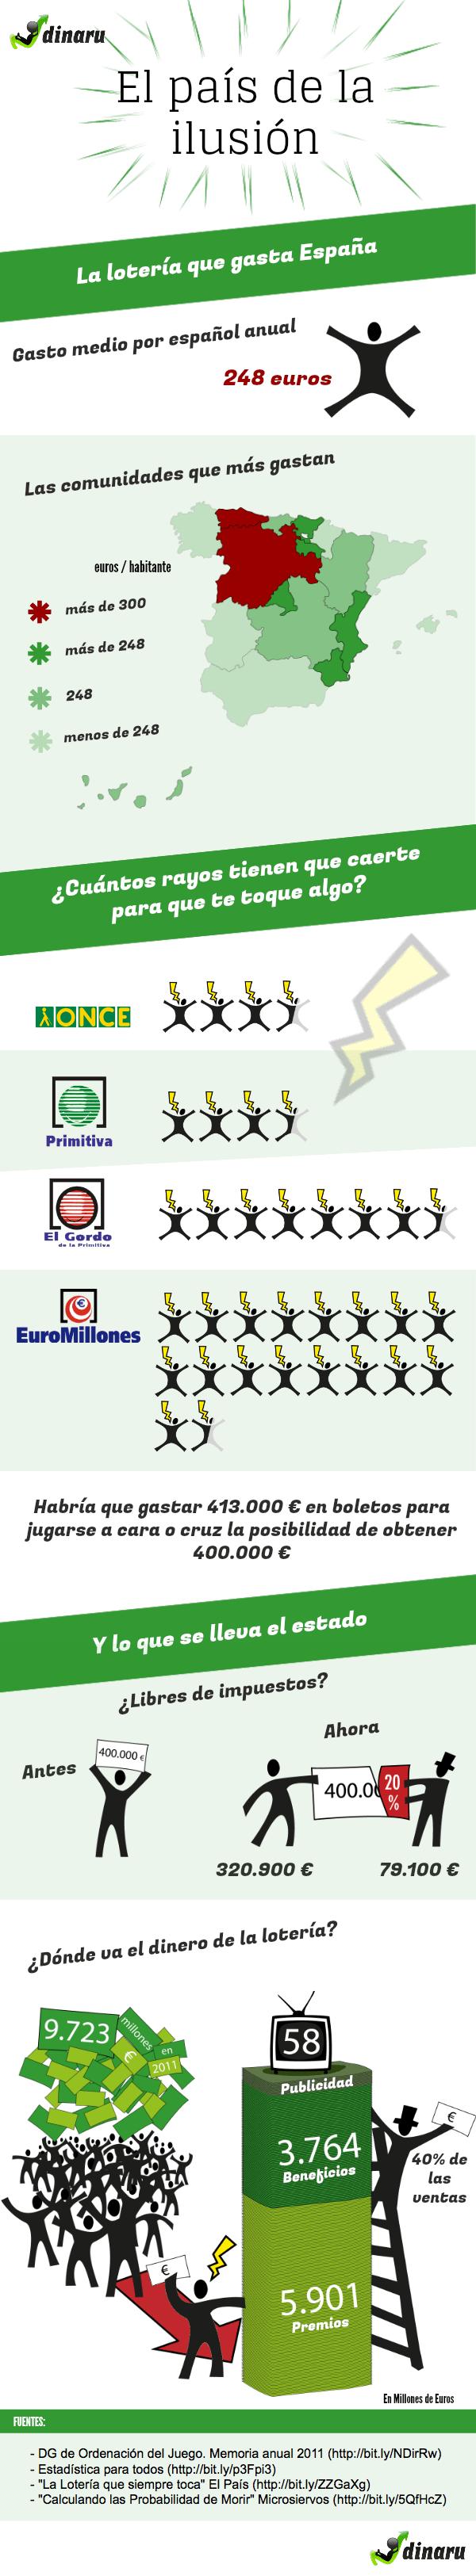 loteria de espana infografia